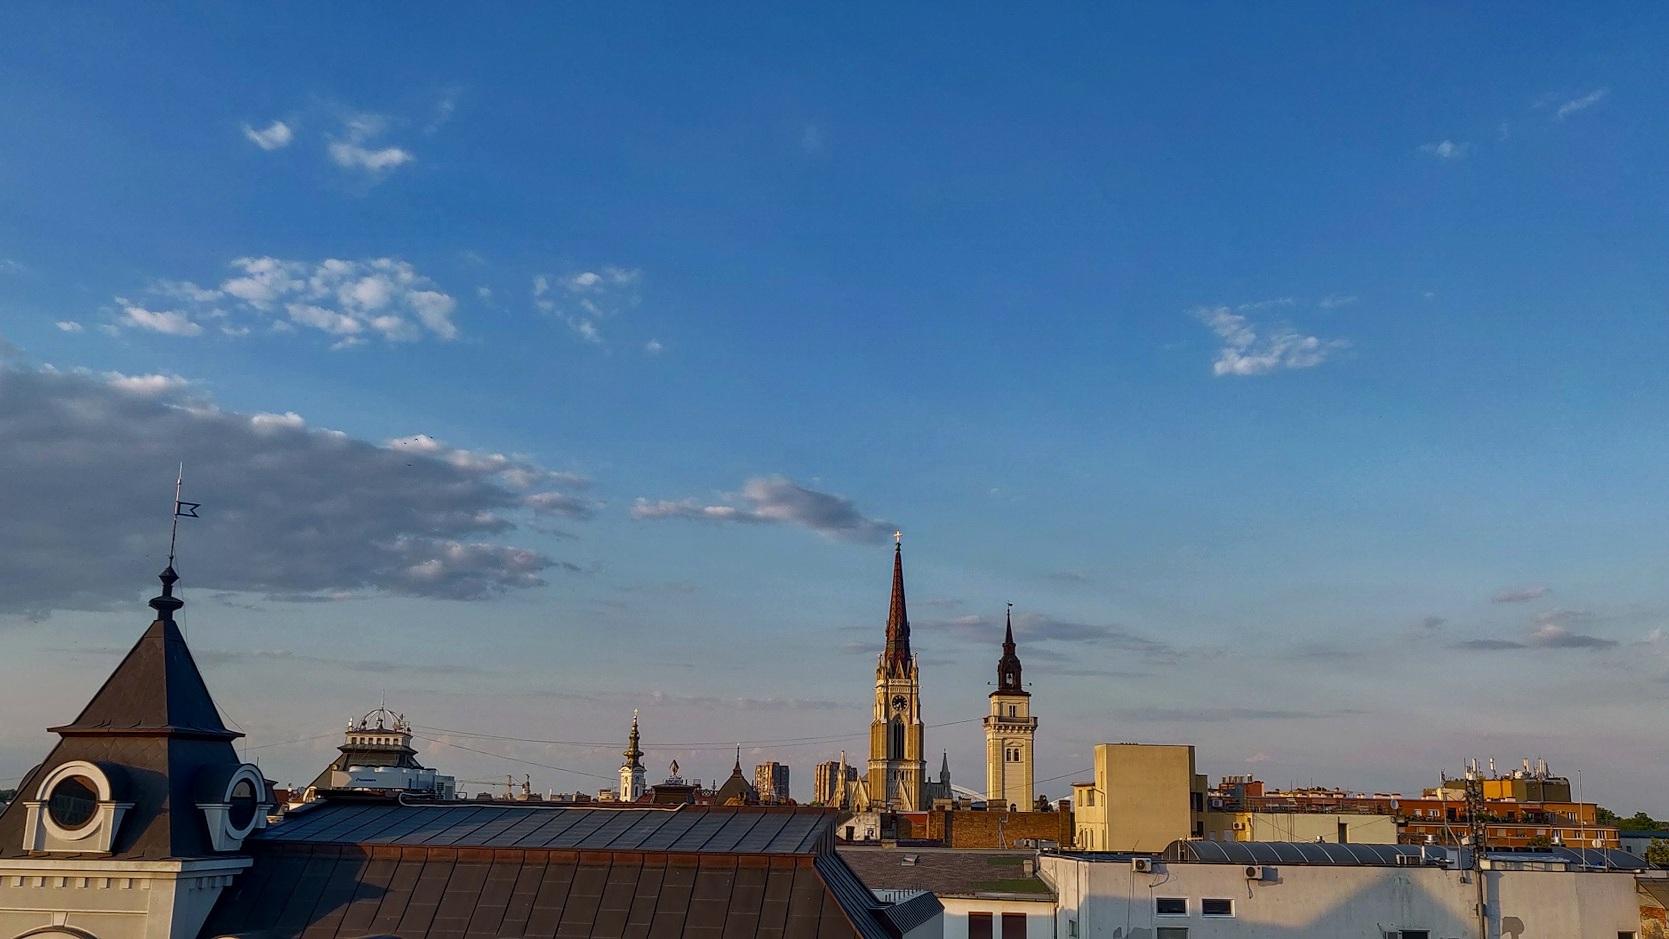 Novi Sad - Vojvodina, Serbia